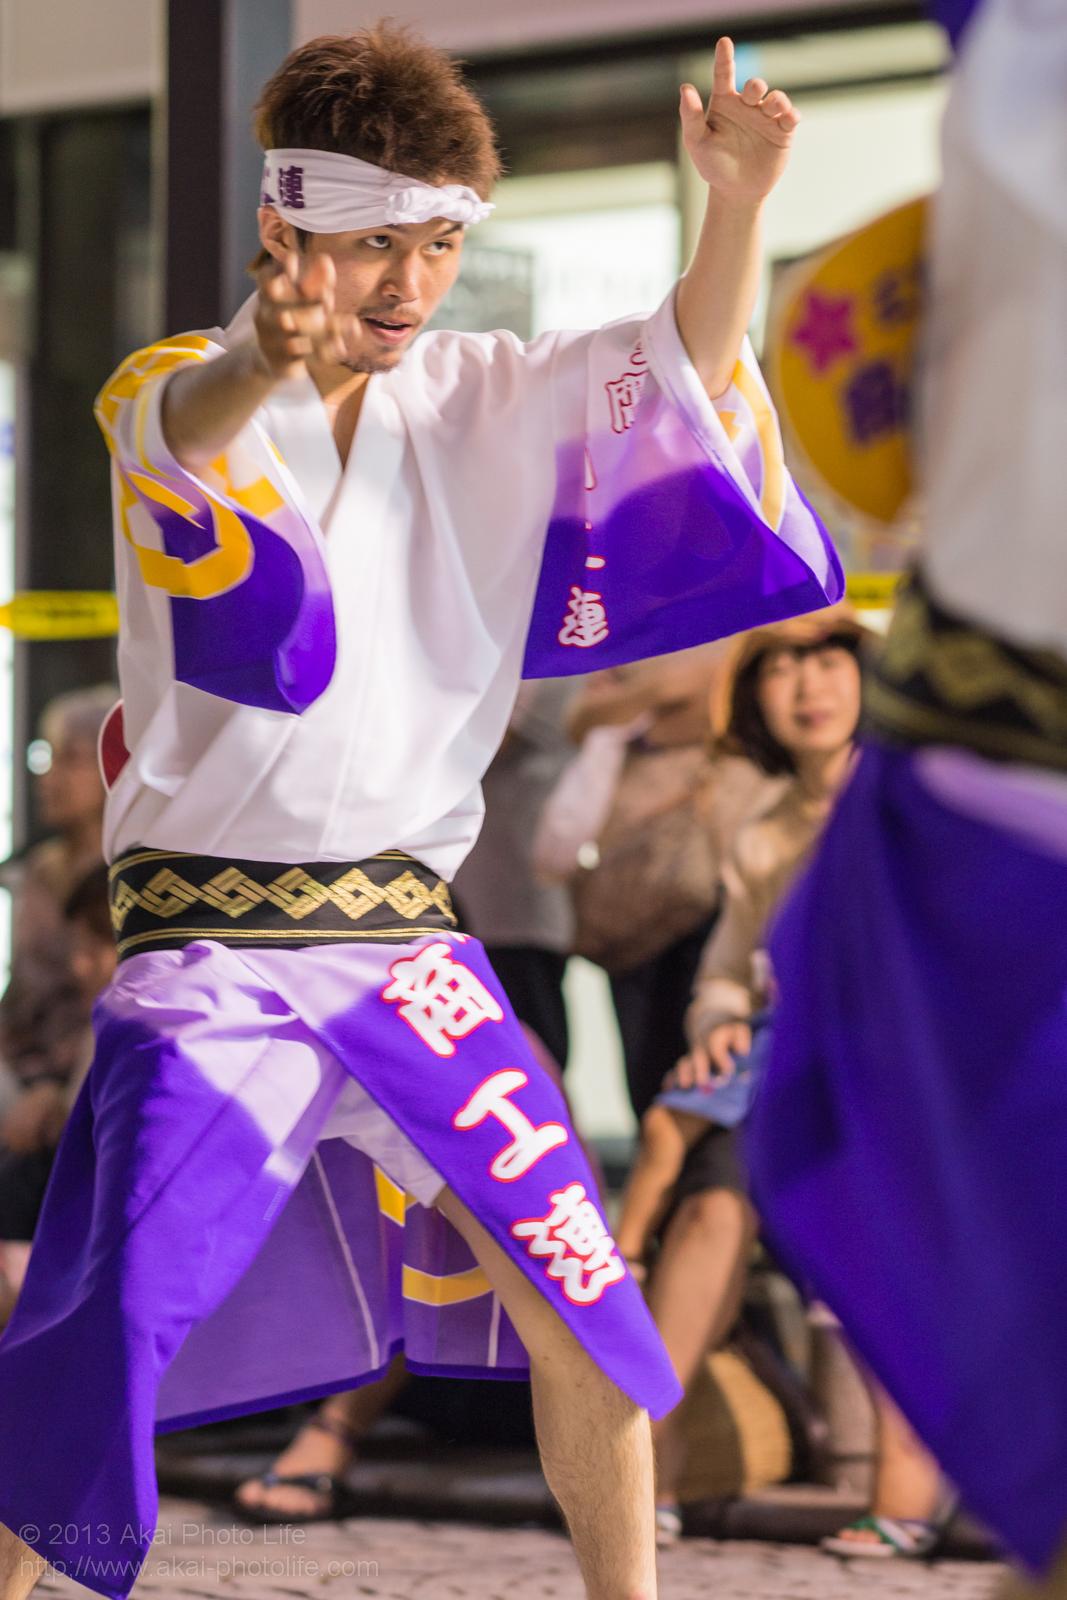 三鷹阿波踊り、三鷹商工連の男踊り